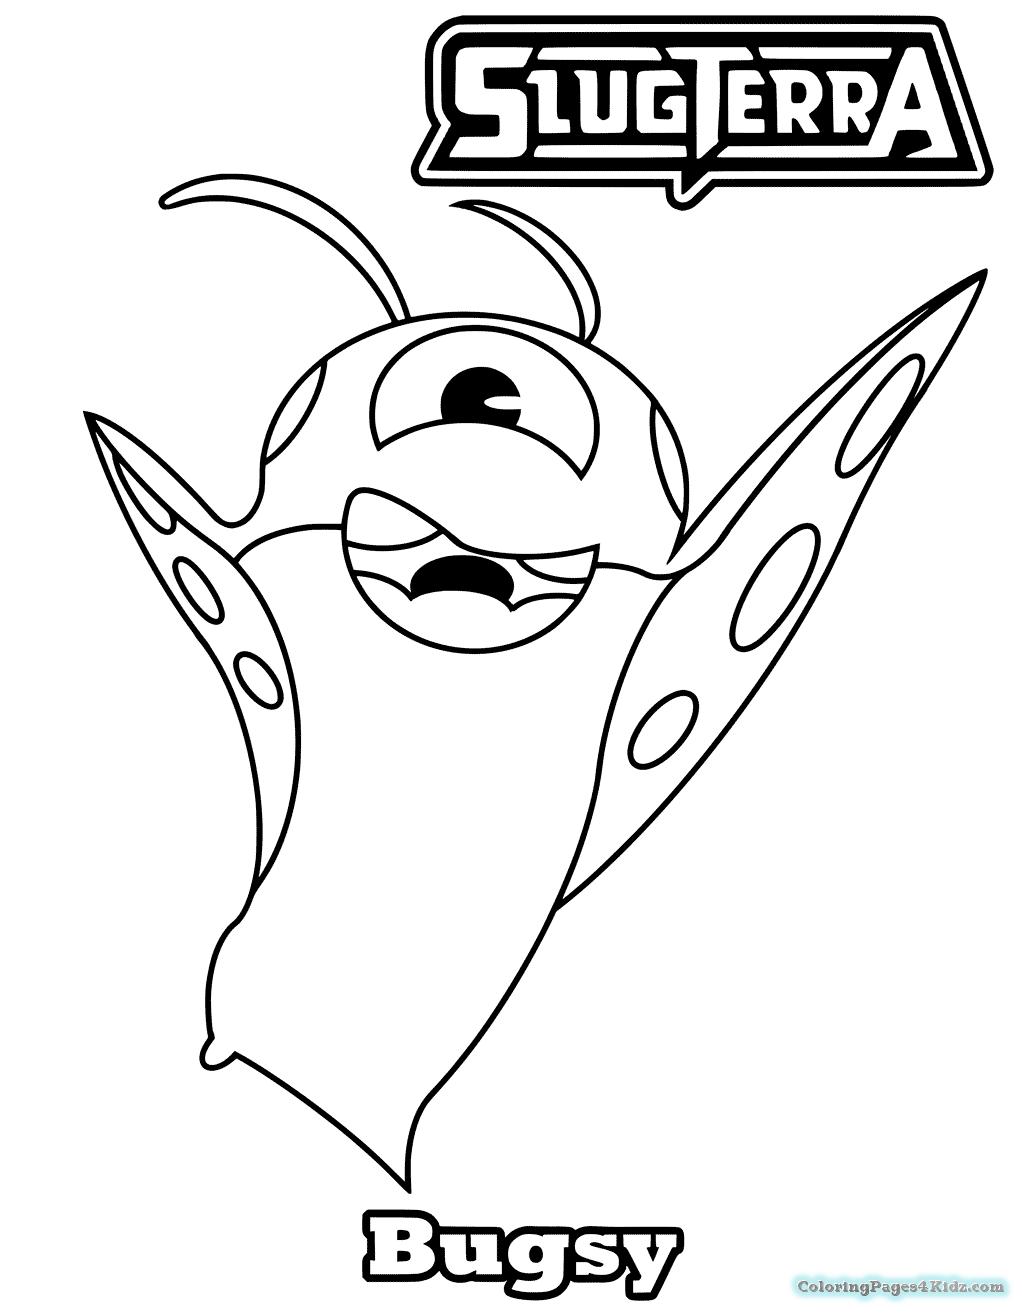 Slugterra Burpy Coloring Pages at GetDrawings.com | Free ...